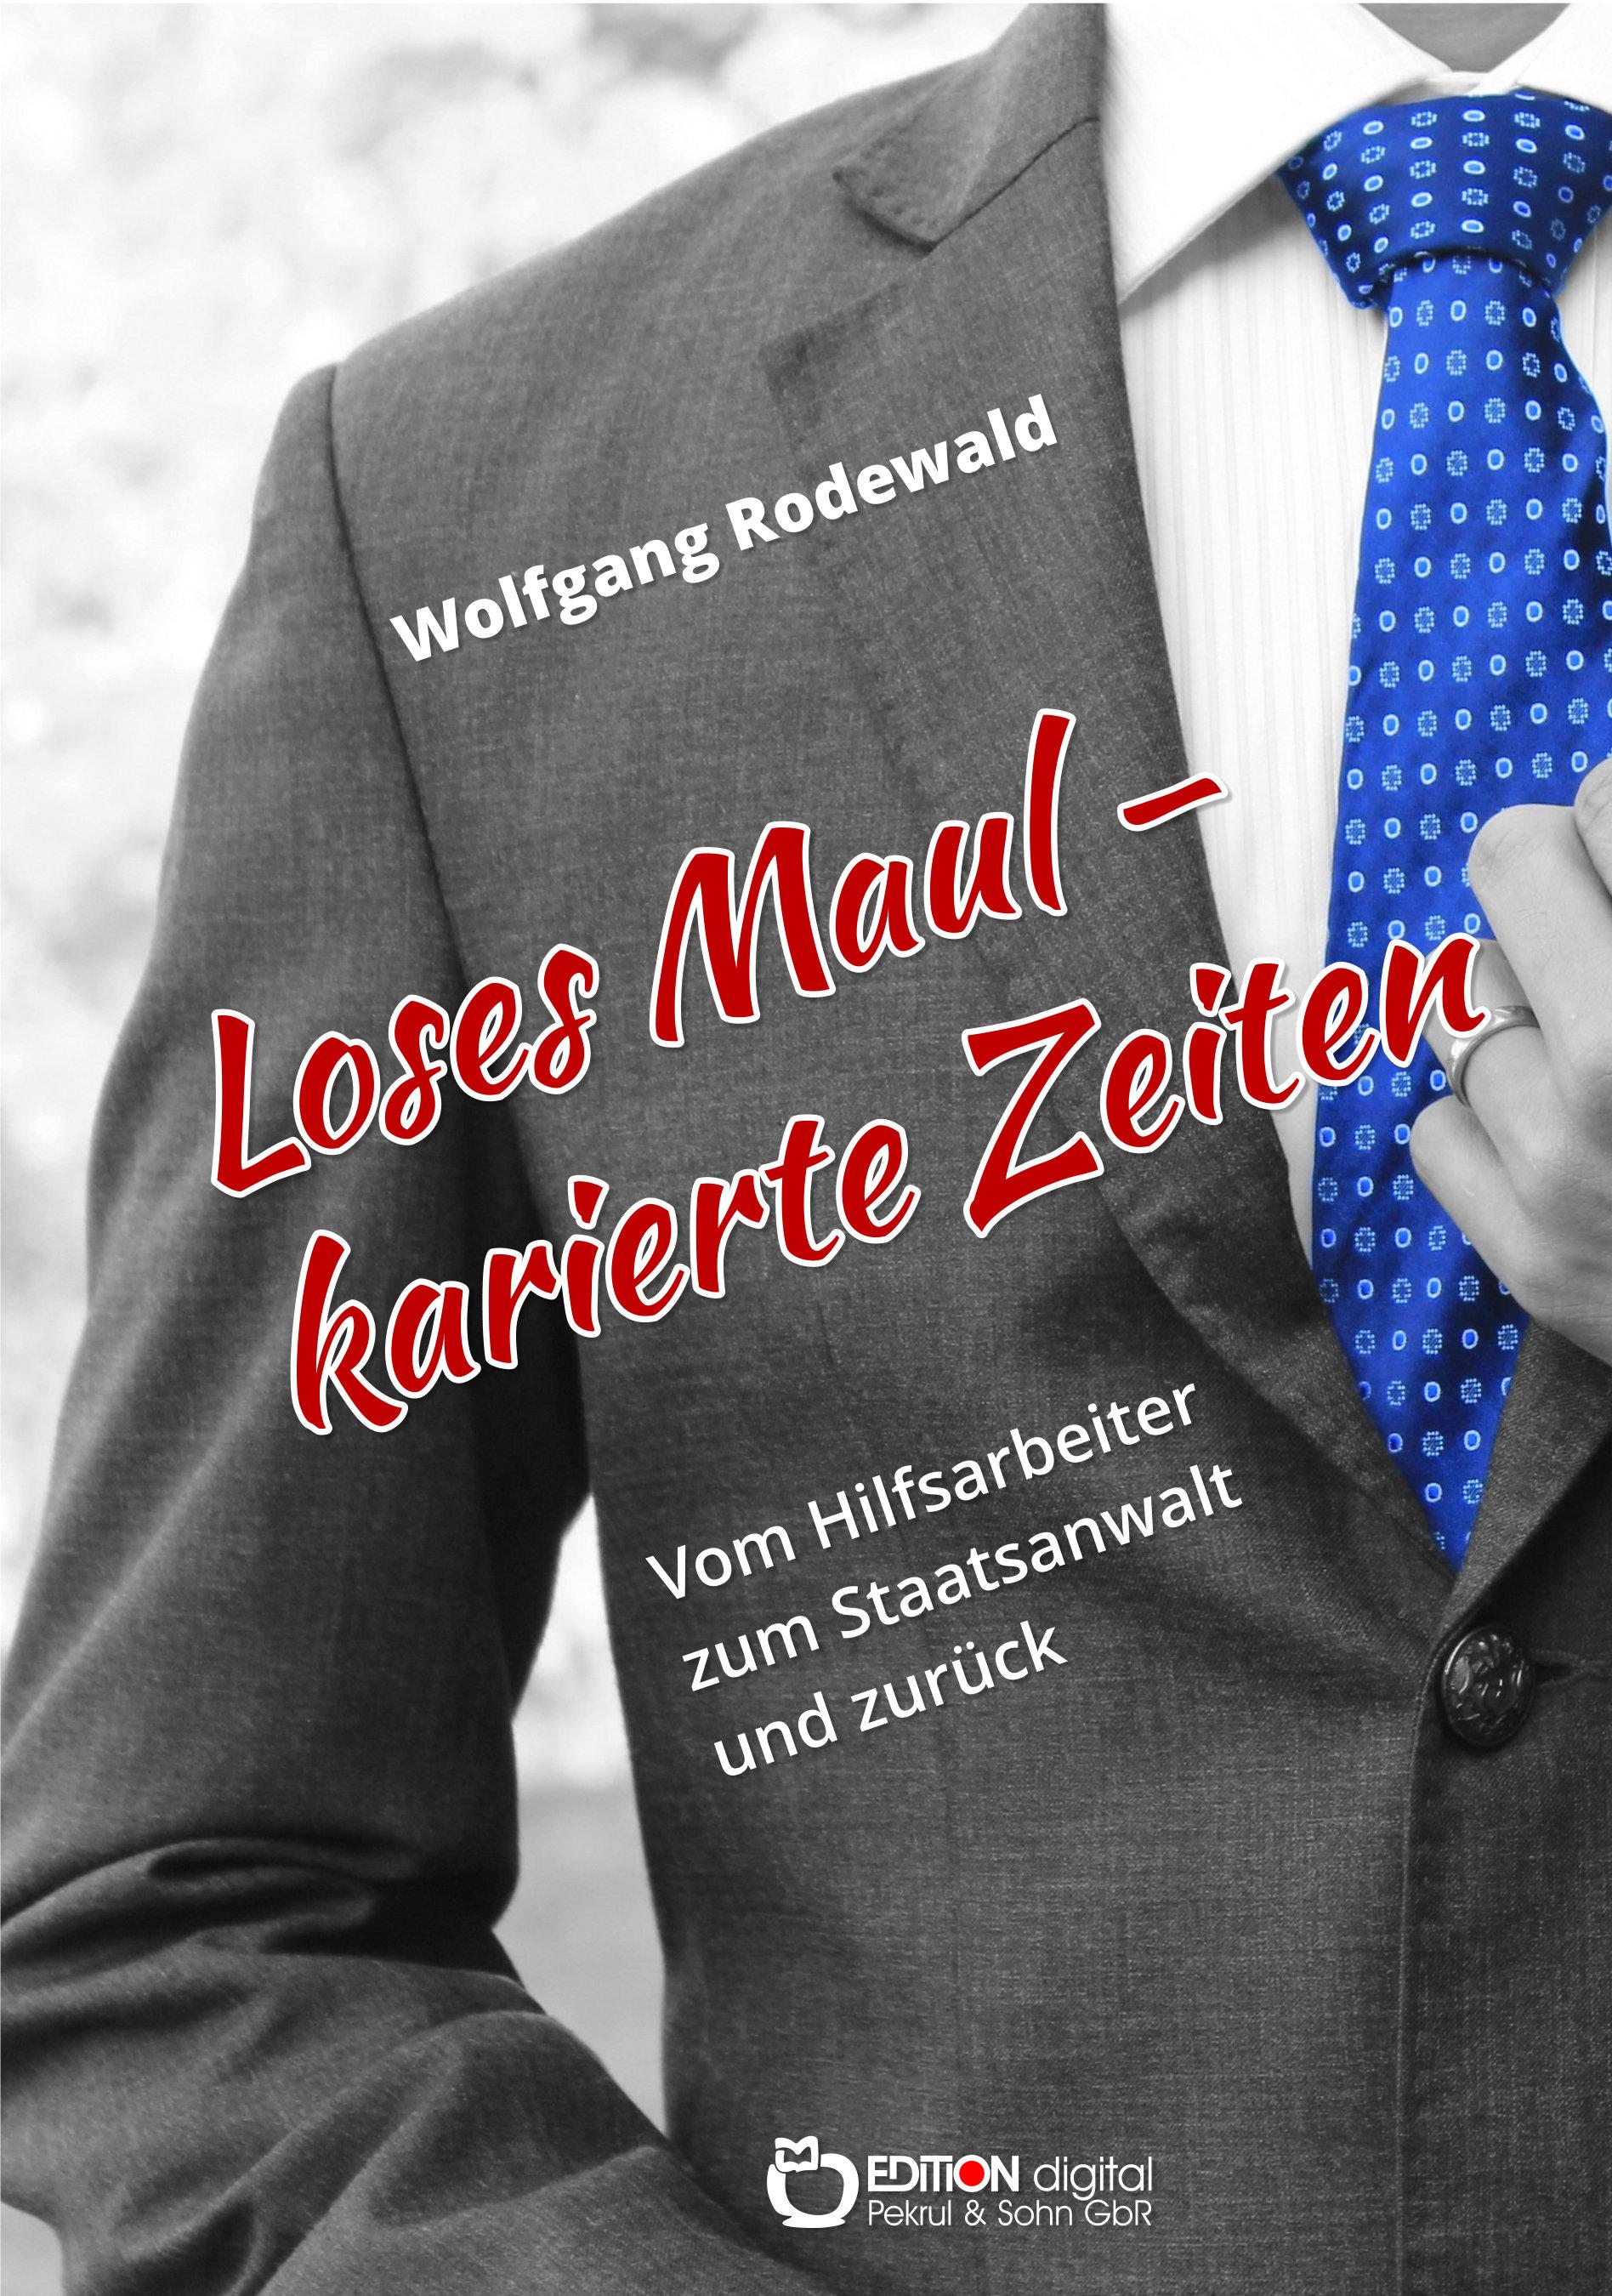 Loses Maul – Karierte Zeiten.Vom Hilfsarbeiter zum Staatsanwalt und zurück von Wolfgang Rodewald